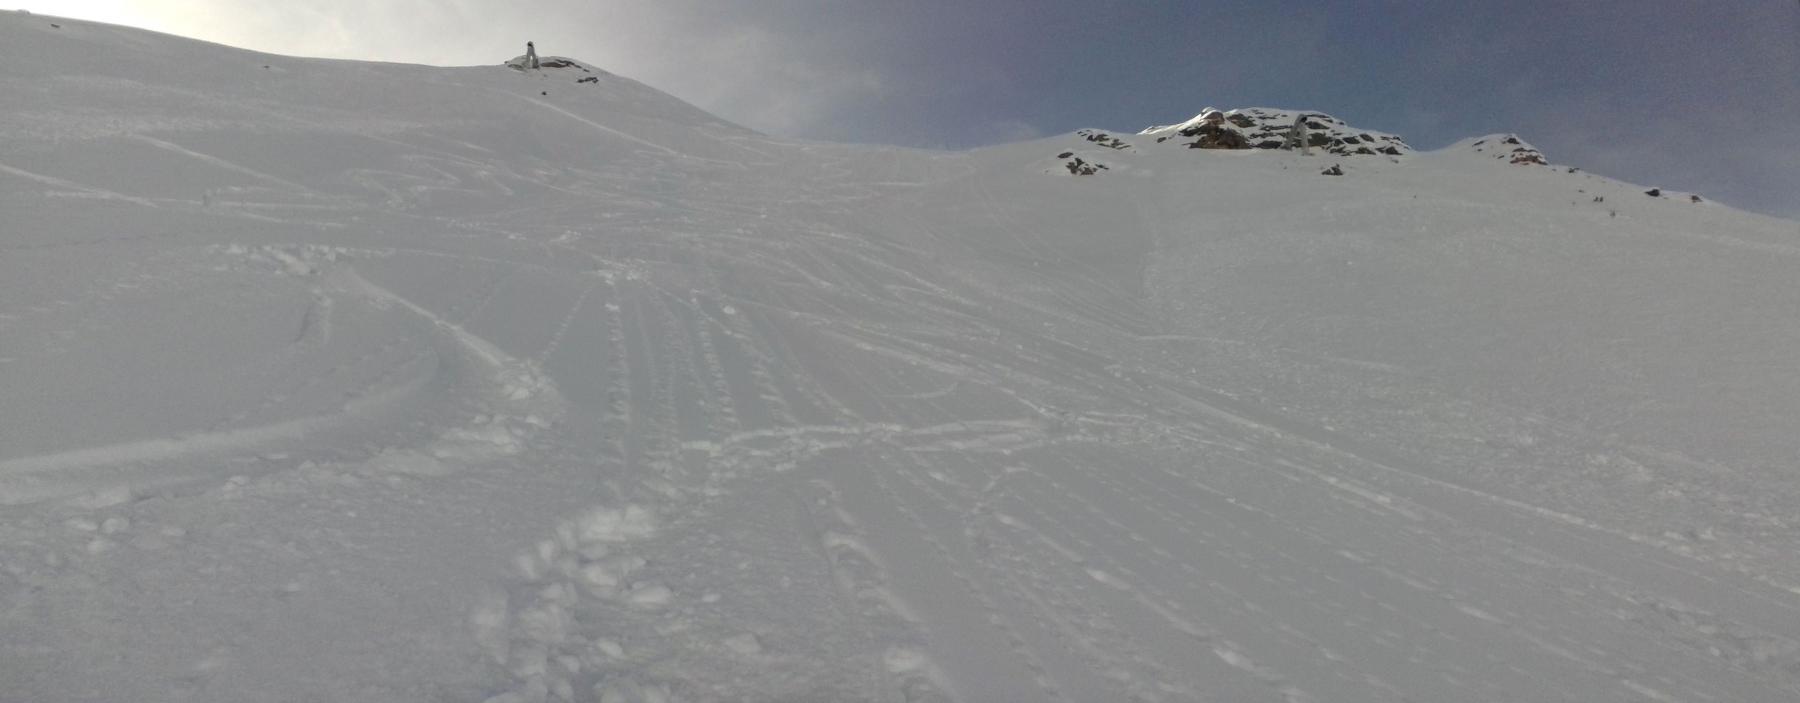 secondo tratto sempre in neve polverosa  con ampi spazi intonsi...